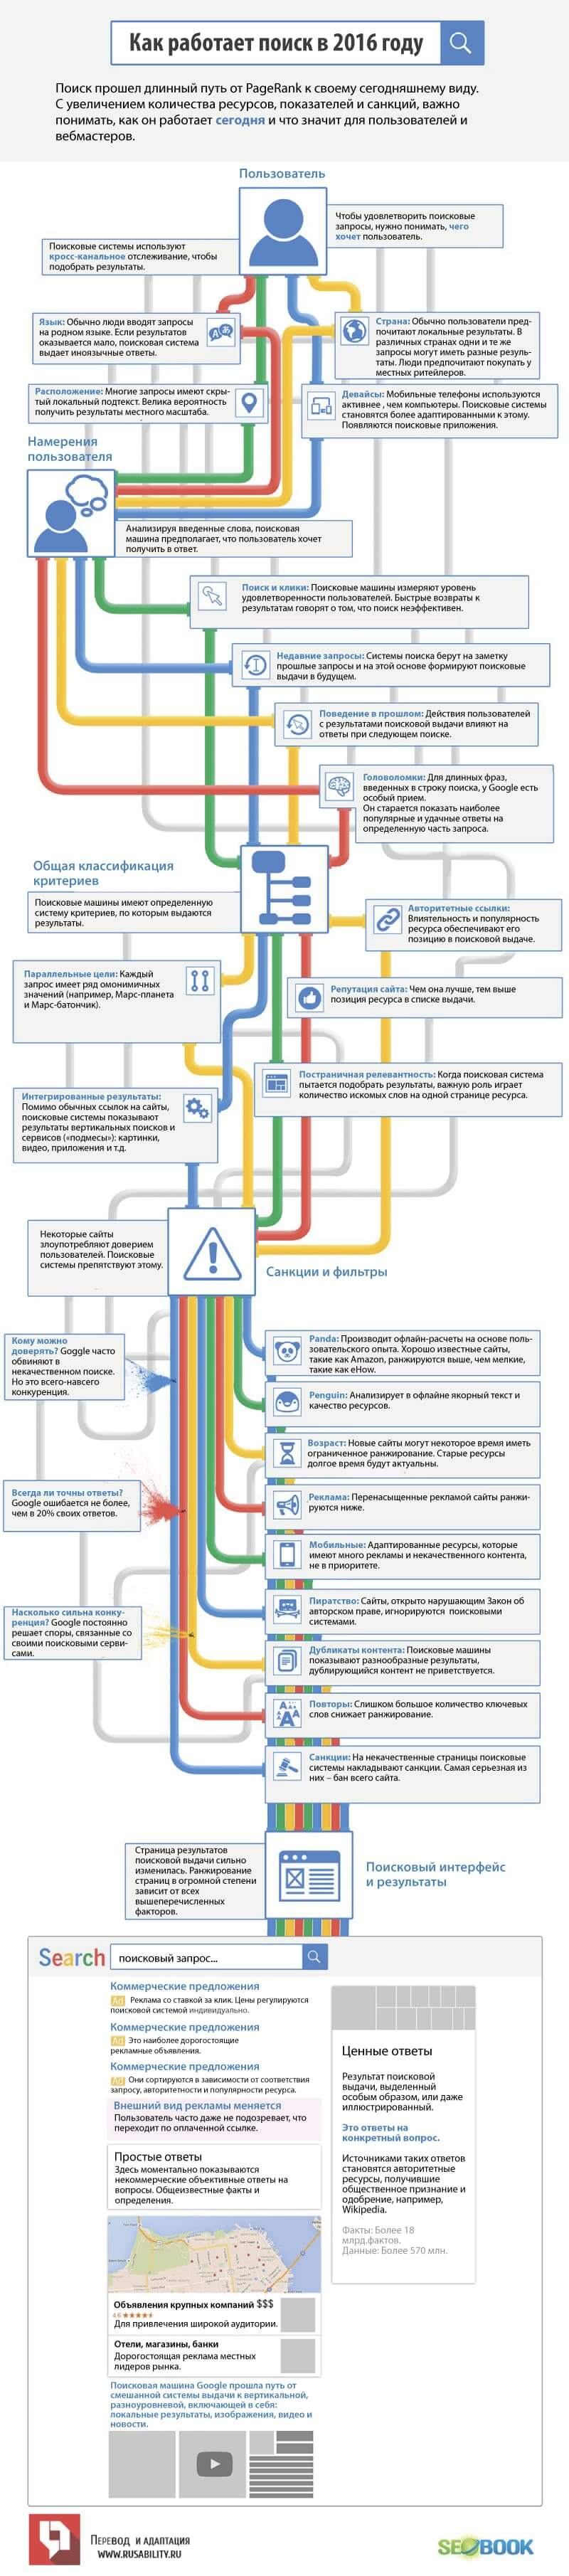 Поиск, seo, sem, оптимизация, Google, санкции, намерения пользователя, Panda, Penguin, интерфейс, ранжирование, инфографика